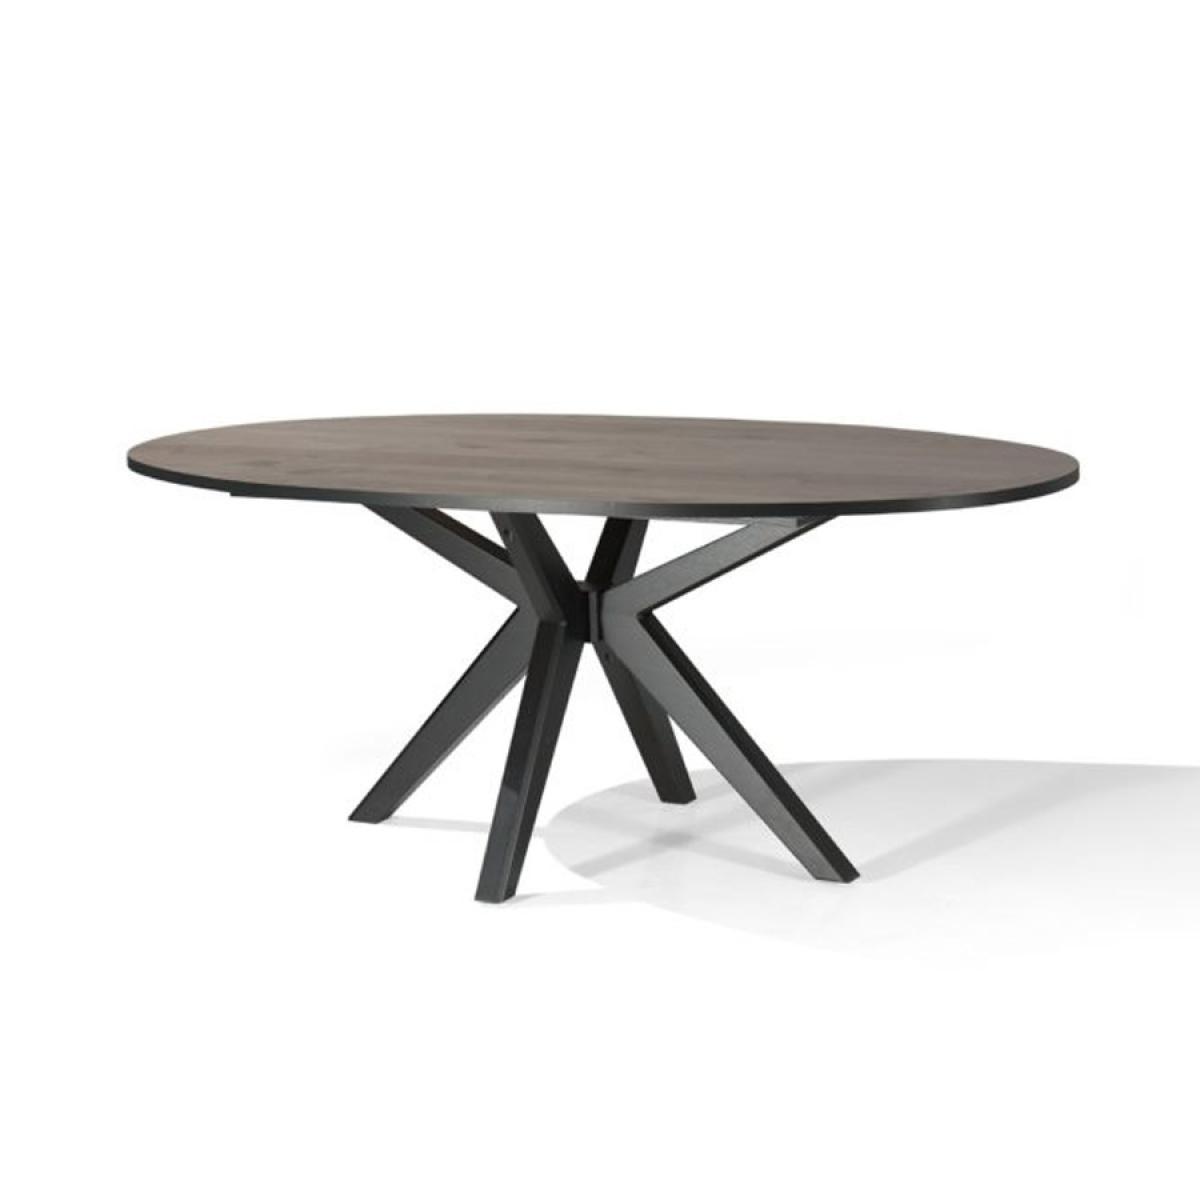 Nouvomeuble Table ovale fixe couleur chêne foncé ESTELLE